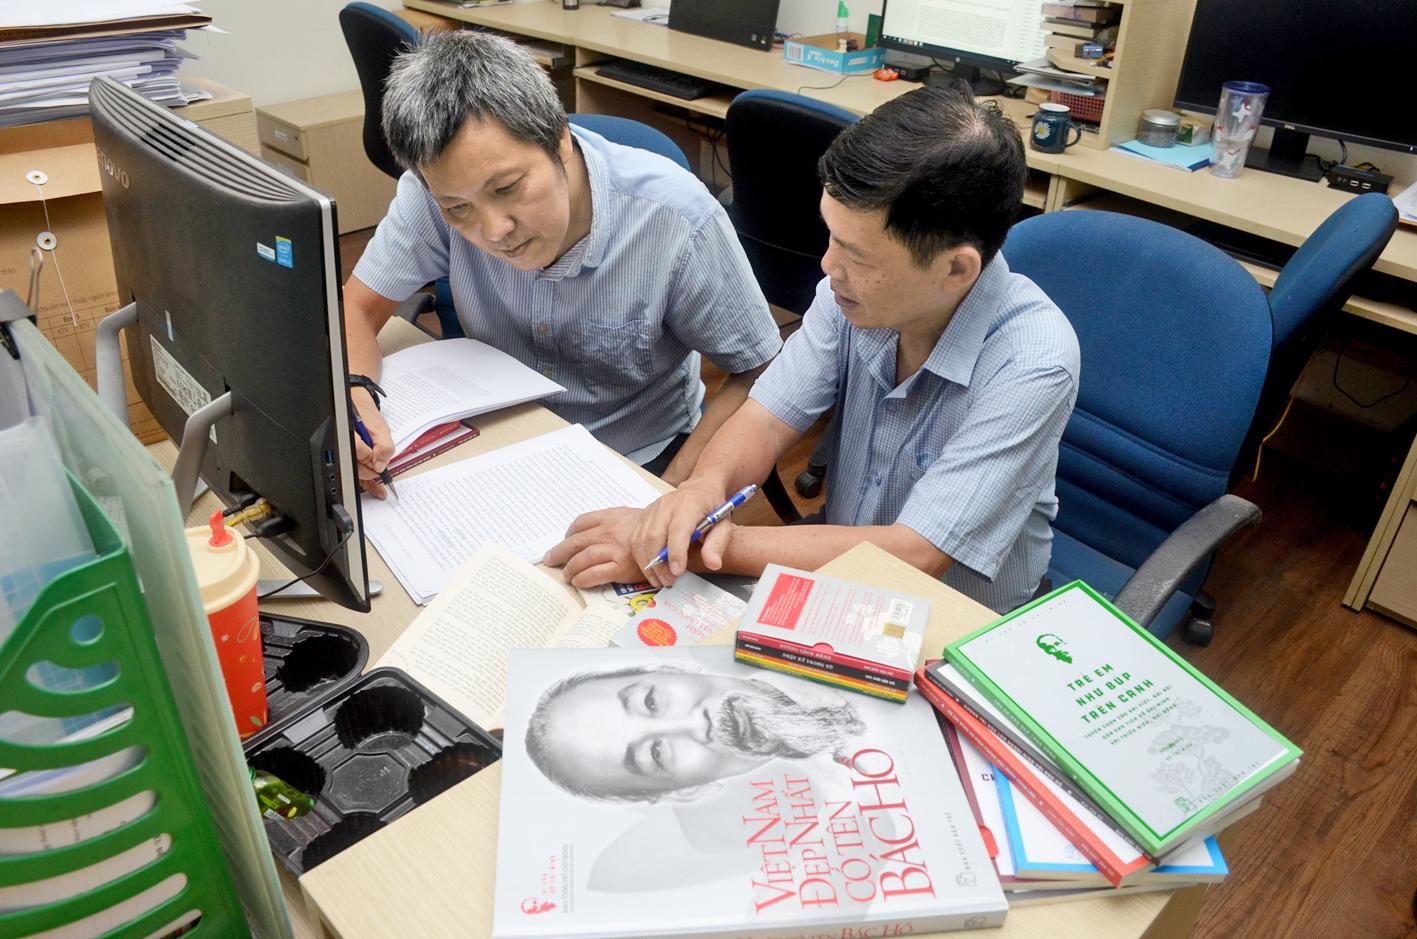 Anh Đào Đức Thiện (phải) và An Huy, hai trong những biên tập viên theo suốt hành trình tủ sách  Di sản Hồ Chí Minh - Ảnh: Phùng Huy